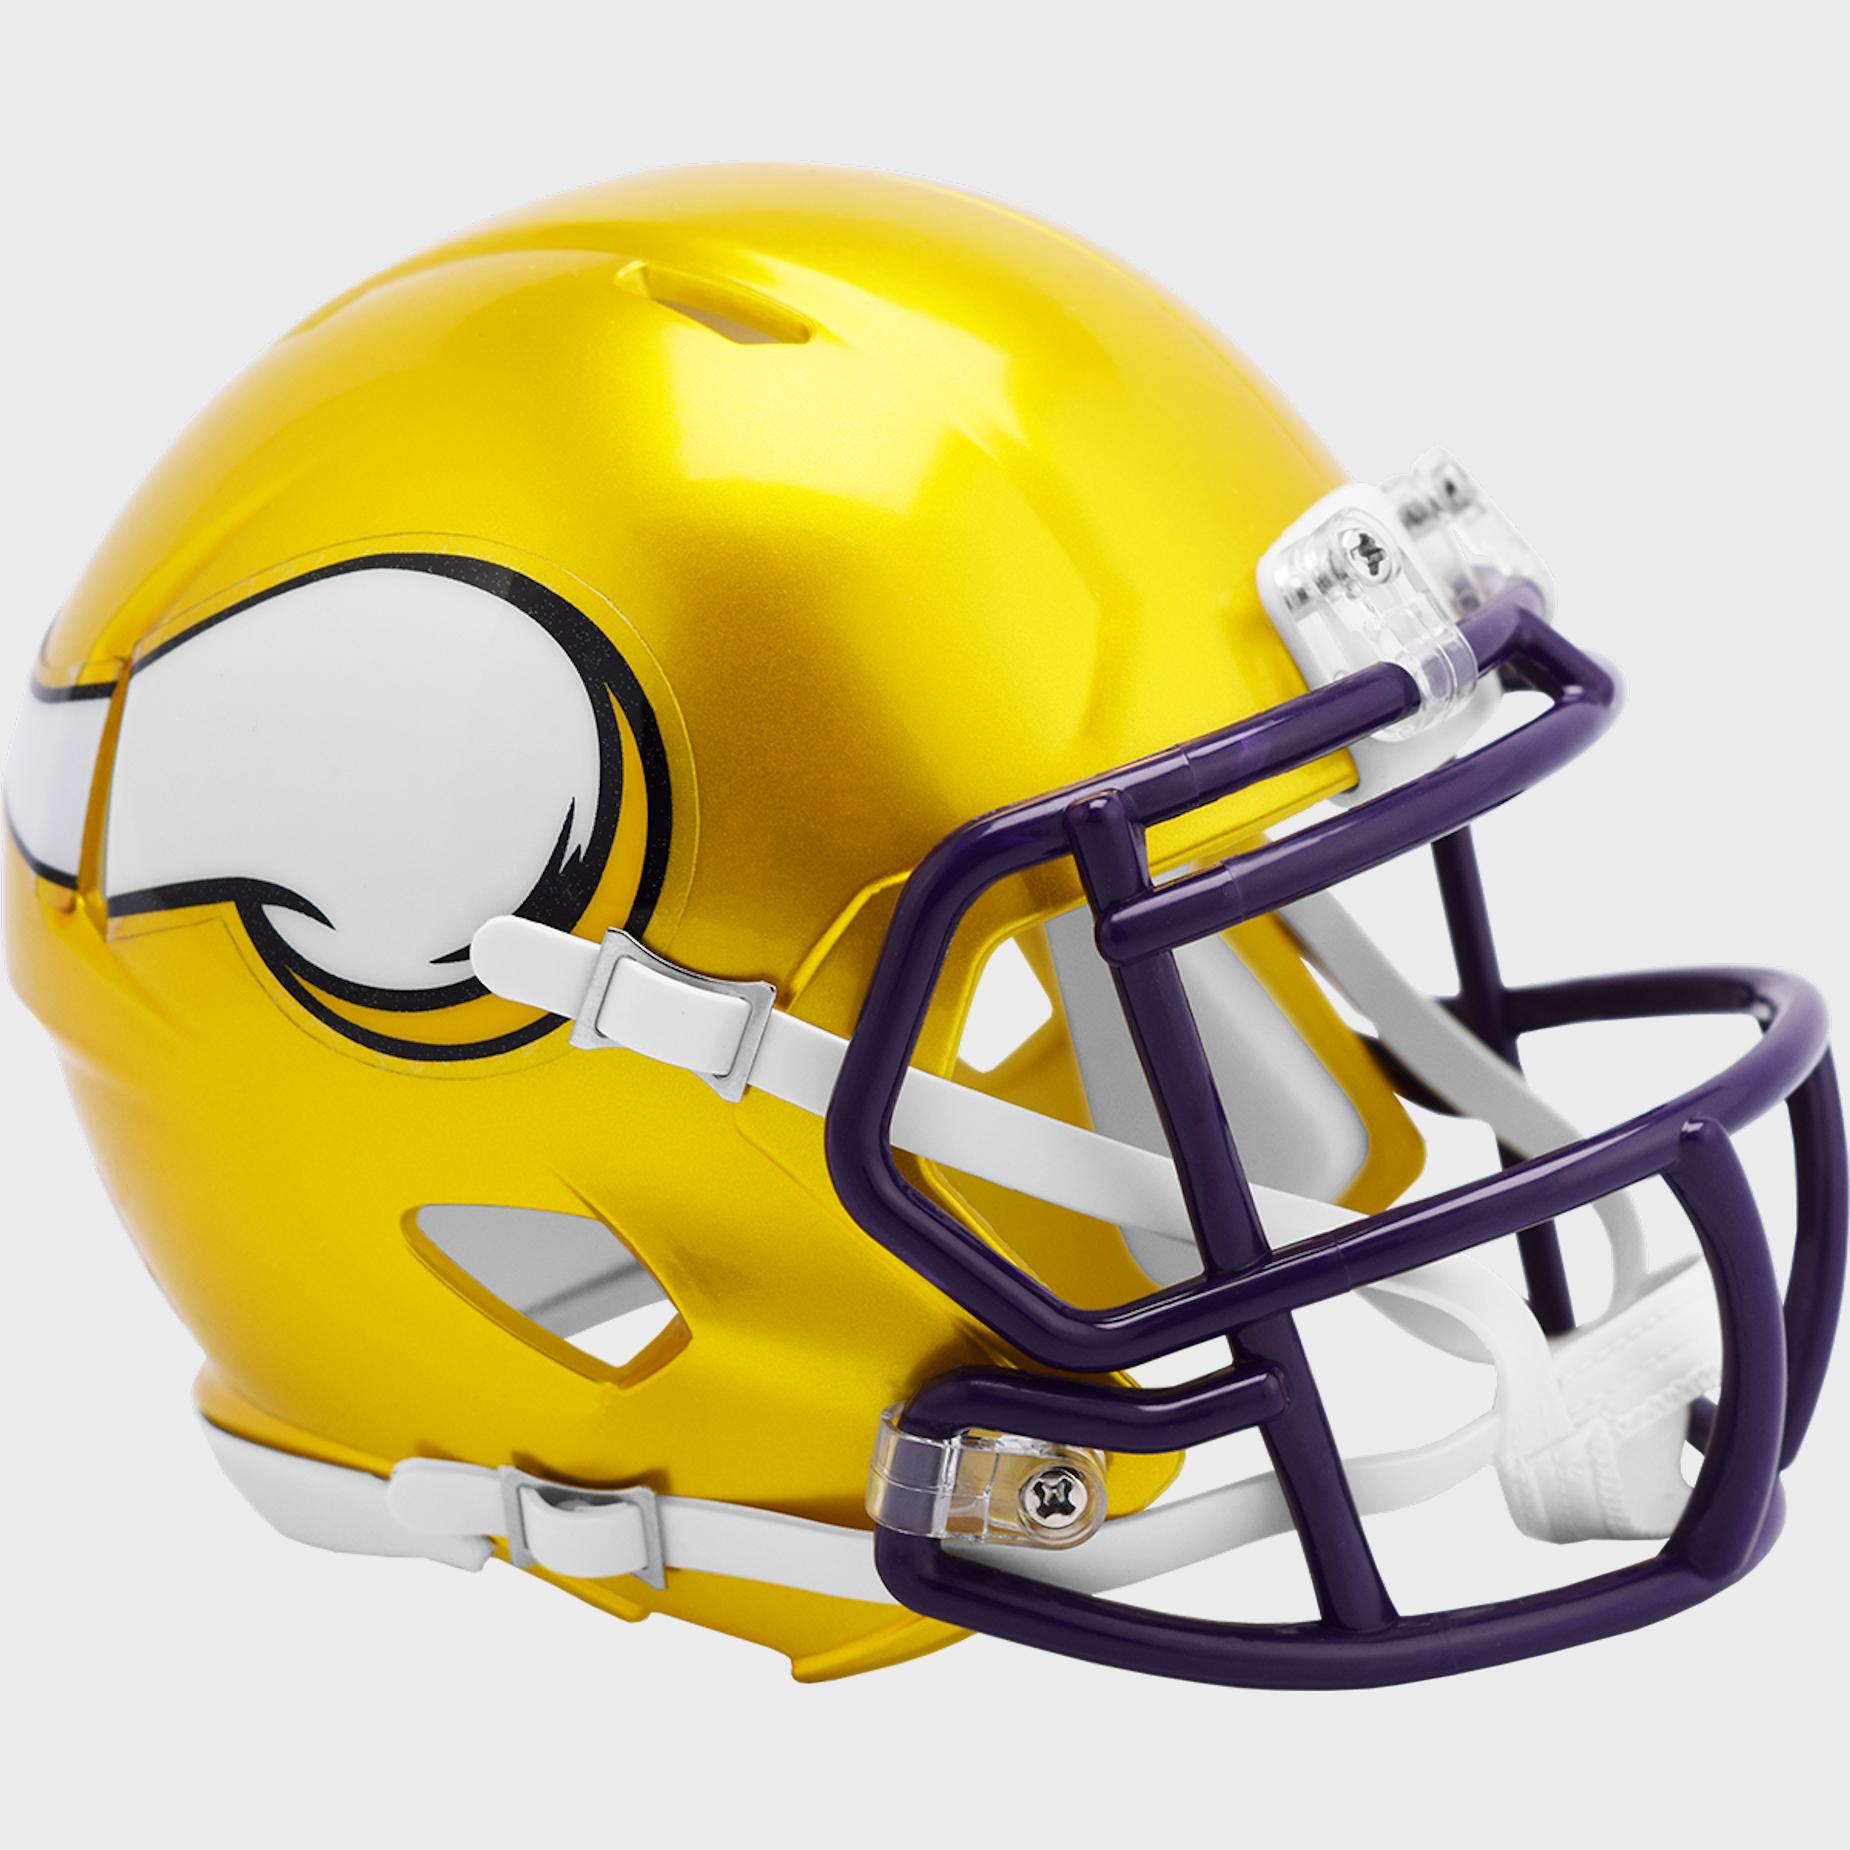 Minnesota Vikings Speed Mini Football Helmet <B>FLASH ESD 8/21/21</B>